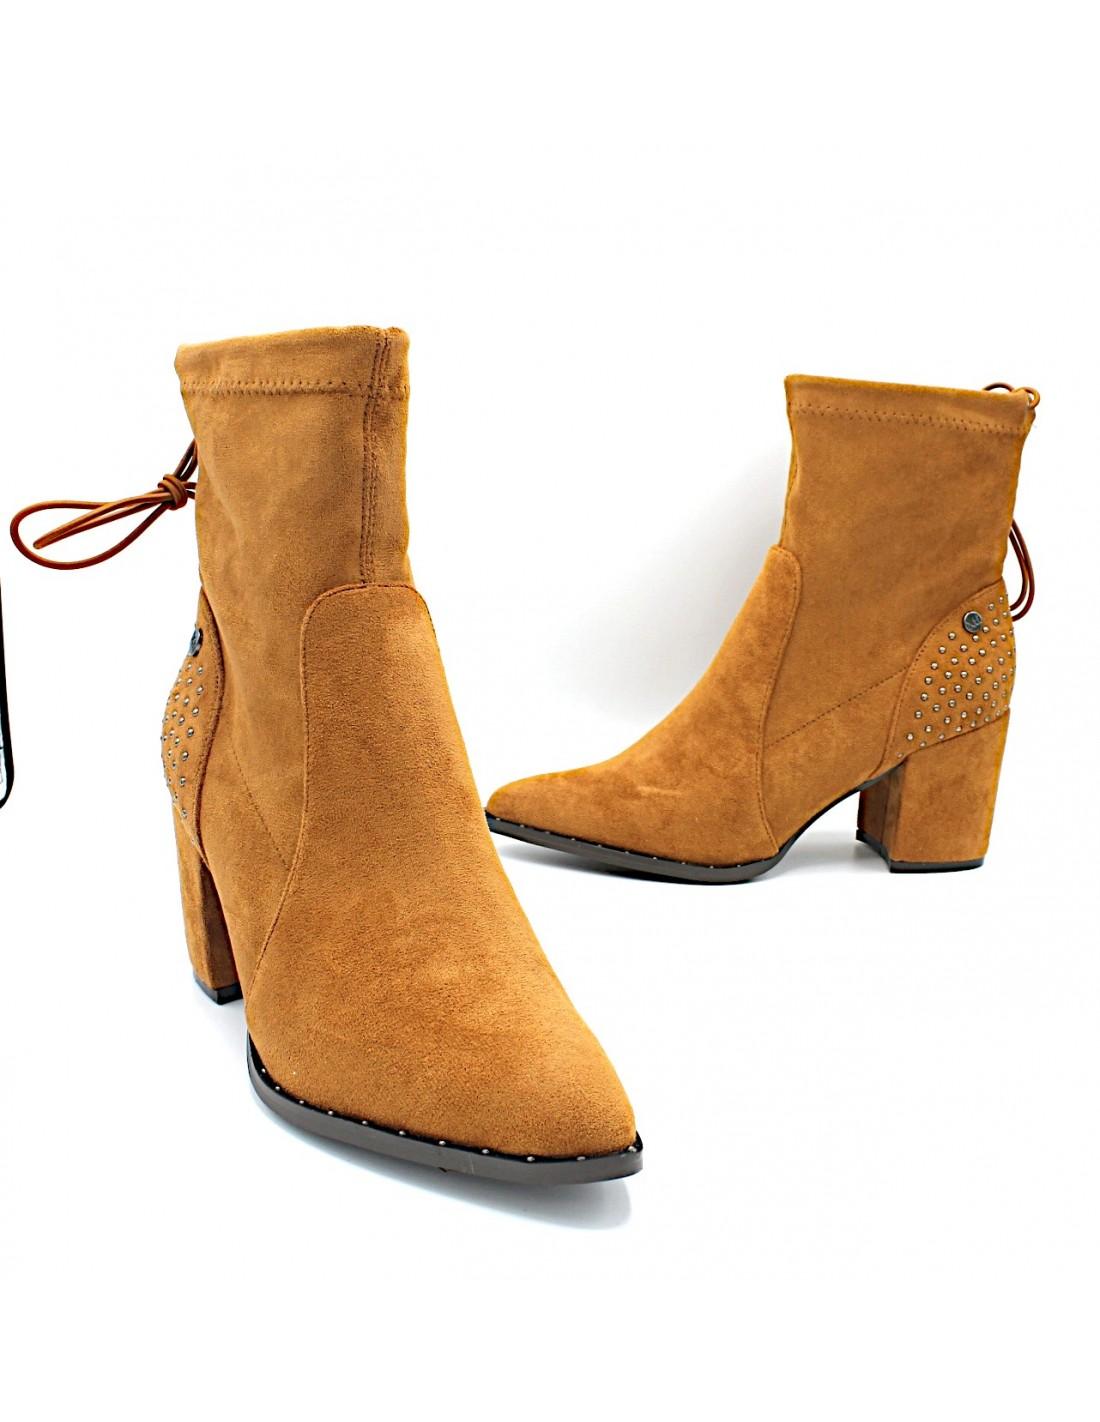 Dettagli su Stivaletti da donna eleganti con tacco alto tronchetti scarpe stivali bassi XTI